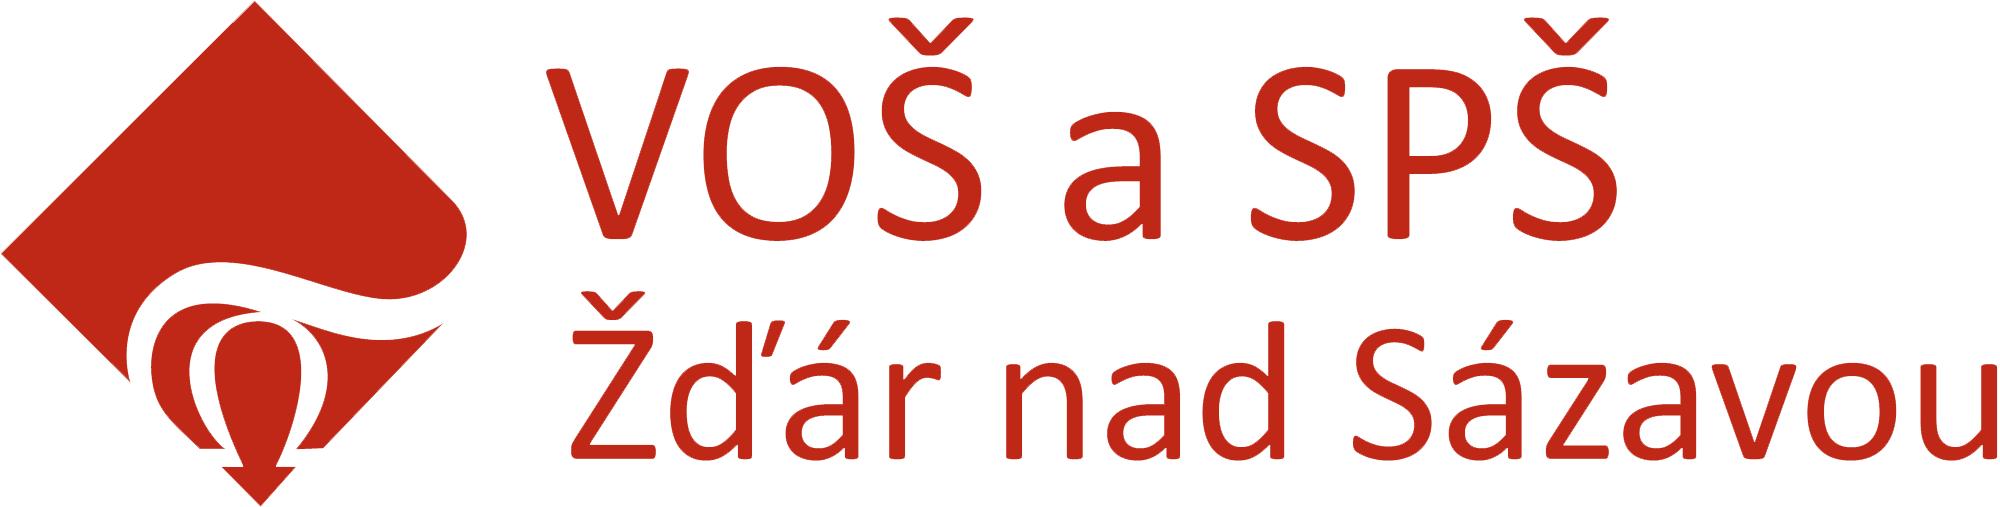 VOŠ a SPŠ Žďár nad Sázavou logo